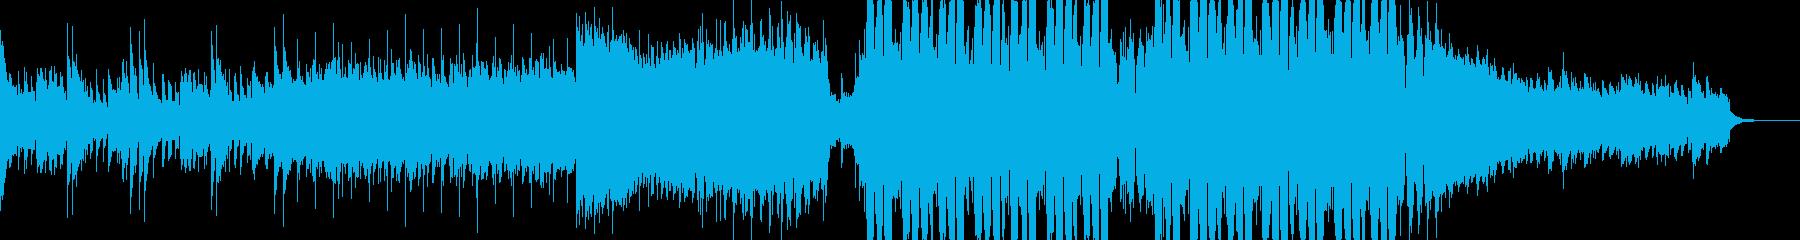 ベルとシンセベースが主役の海外風EDMの再生済みの波形